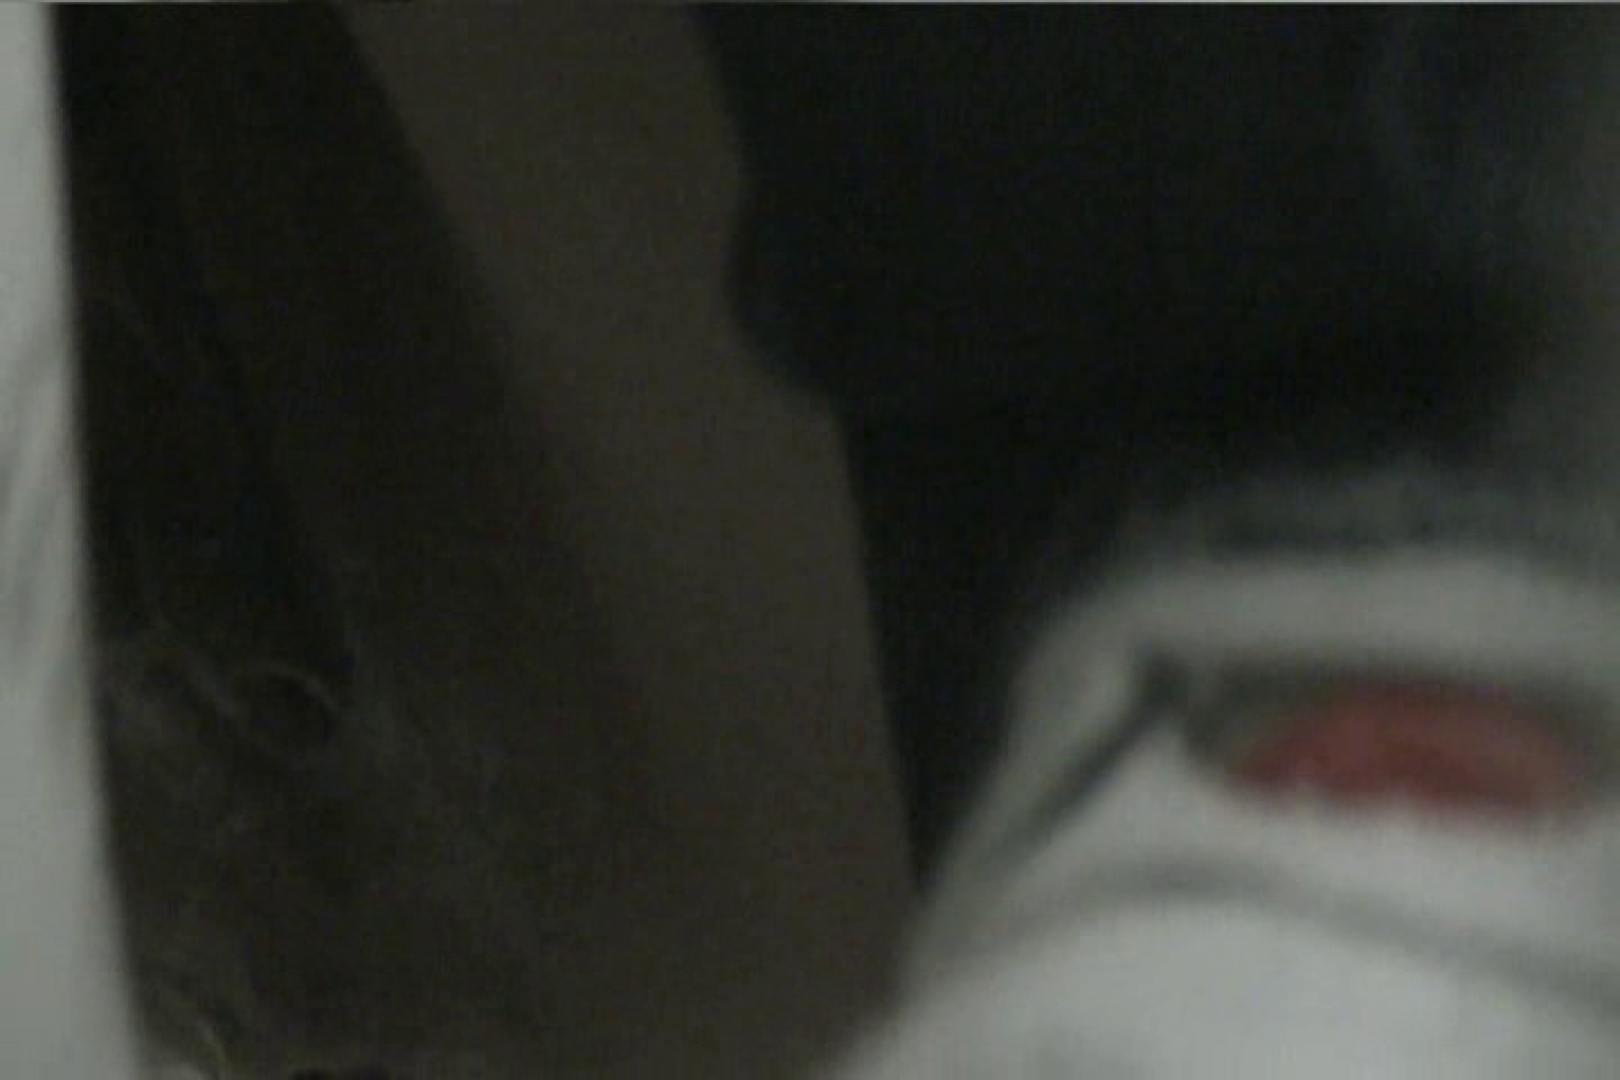 マンコ丸見え女子洗面所Vol.30 マンコ おめこ無修正動画無料 59画像 57